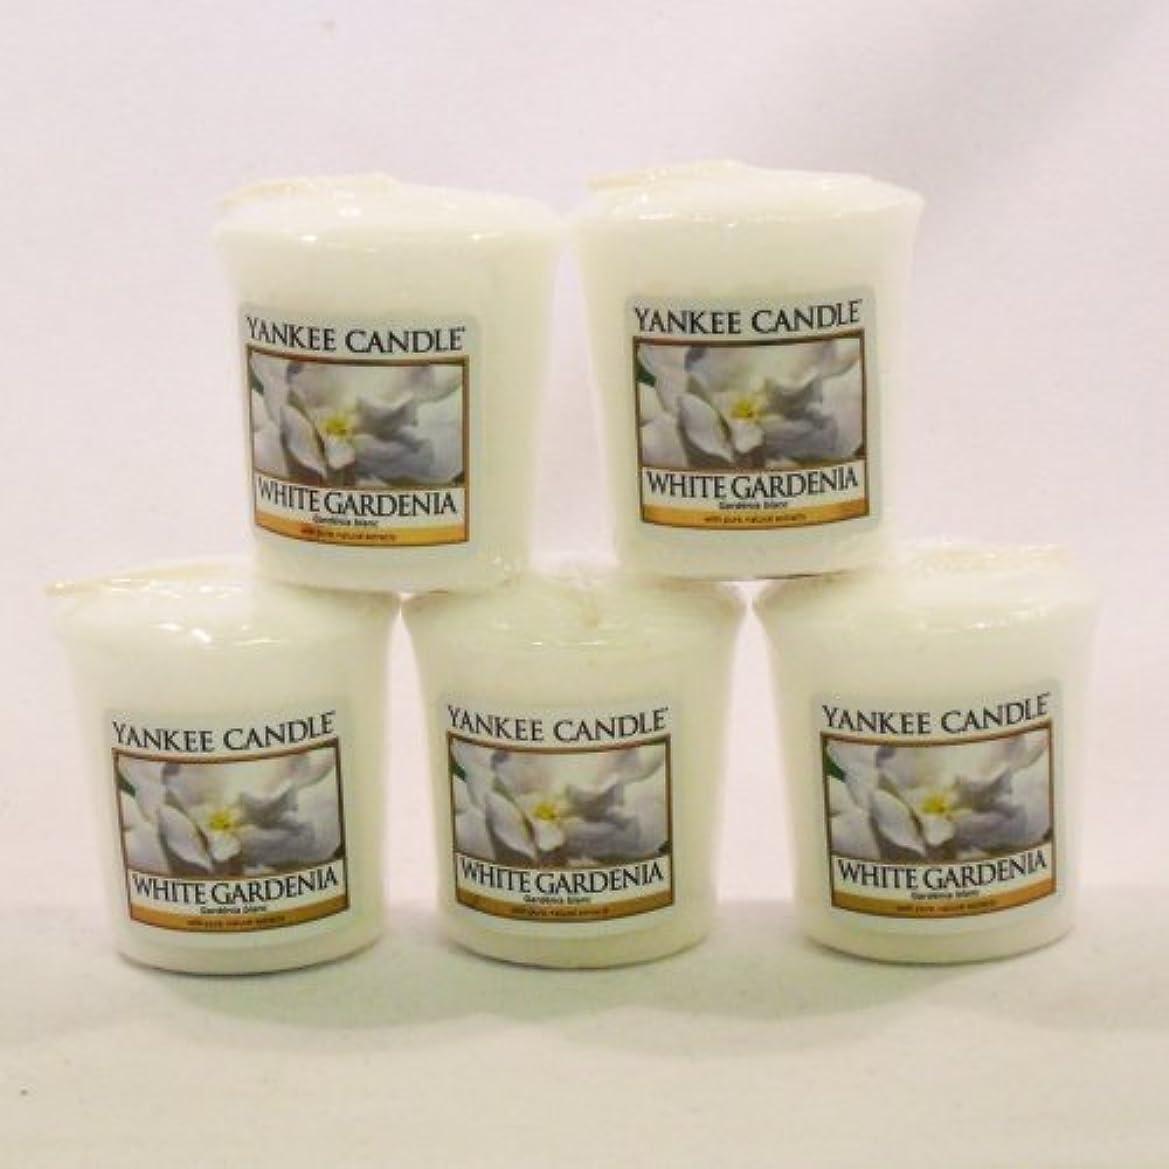 注入雑多な人生を作るYankee Candleサンプラーvotives-yankee Candle – 5 xホワイトGardenia Votive Samplers – 新しい香りfor 2012 。